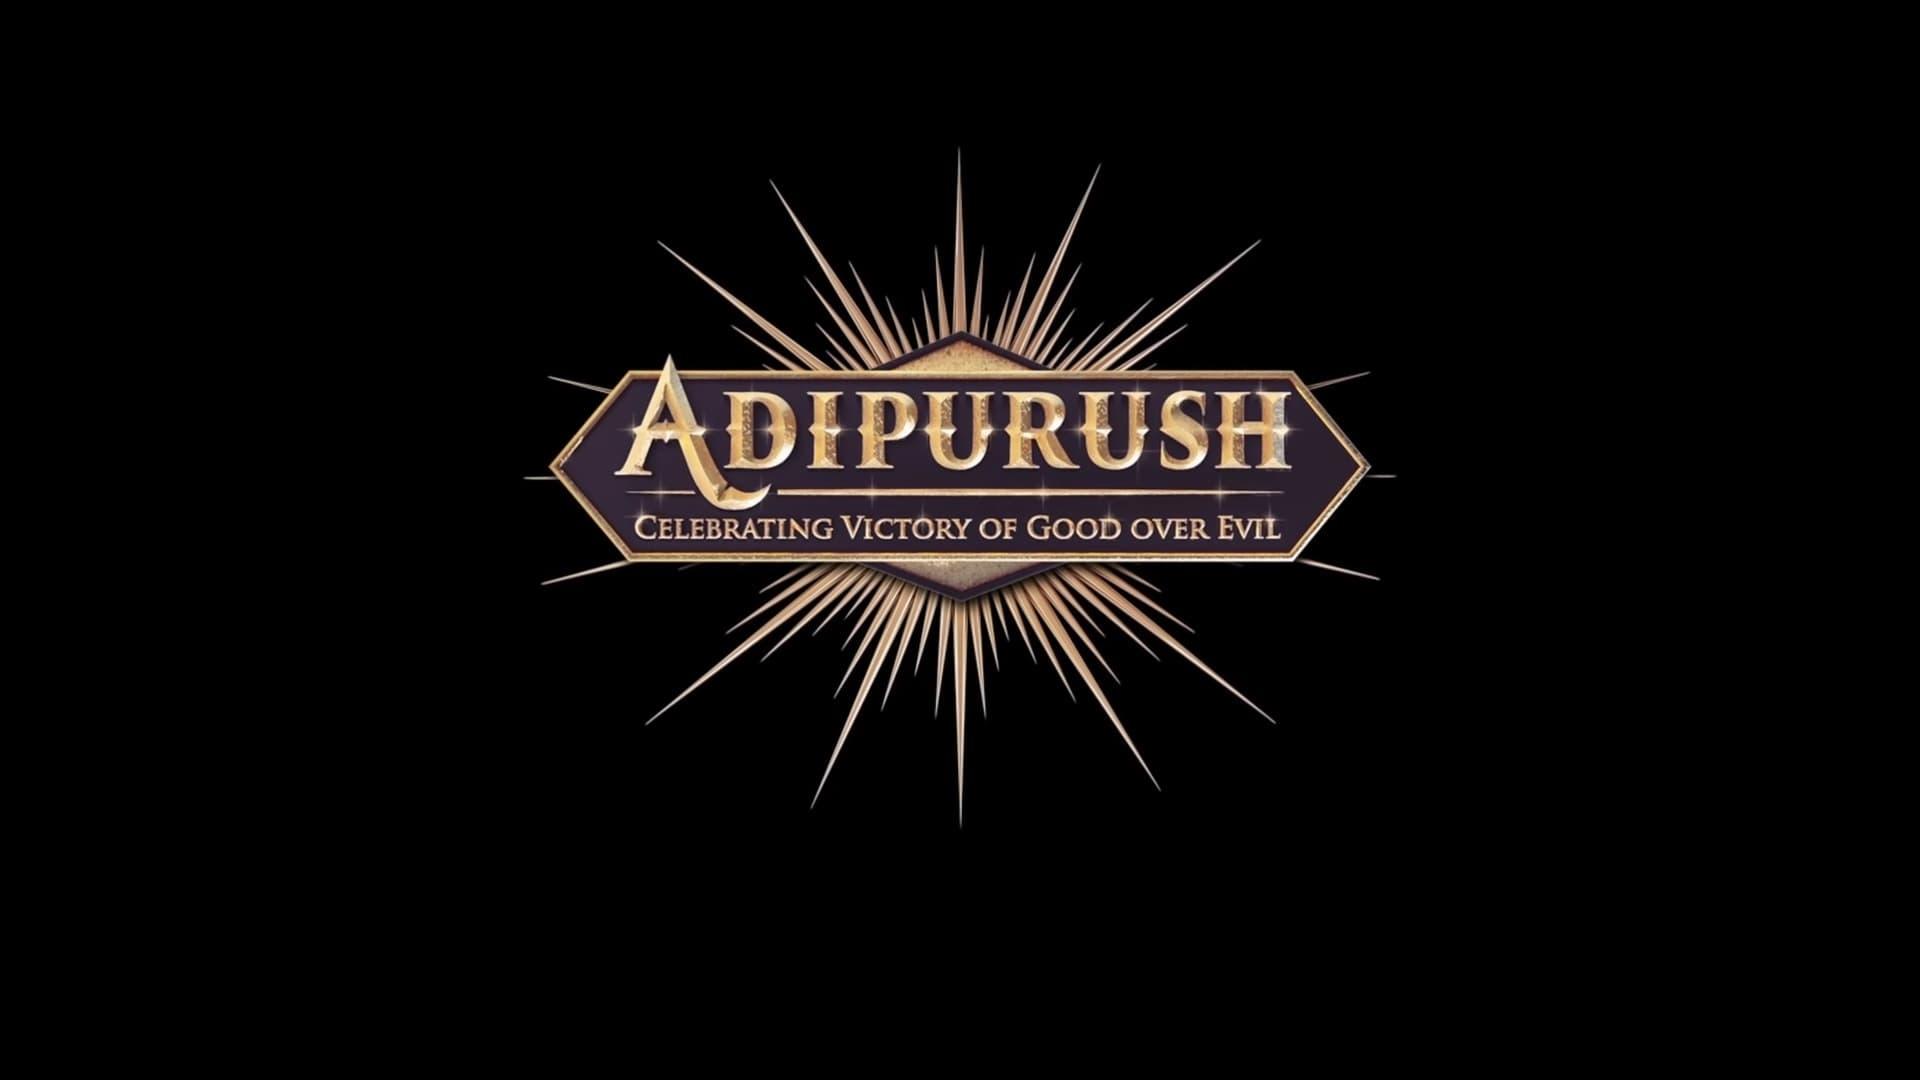 Adipurush Movie Streaming Online